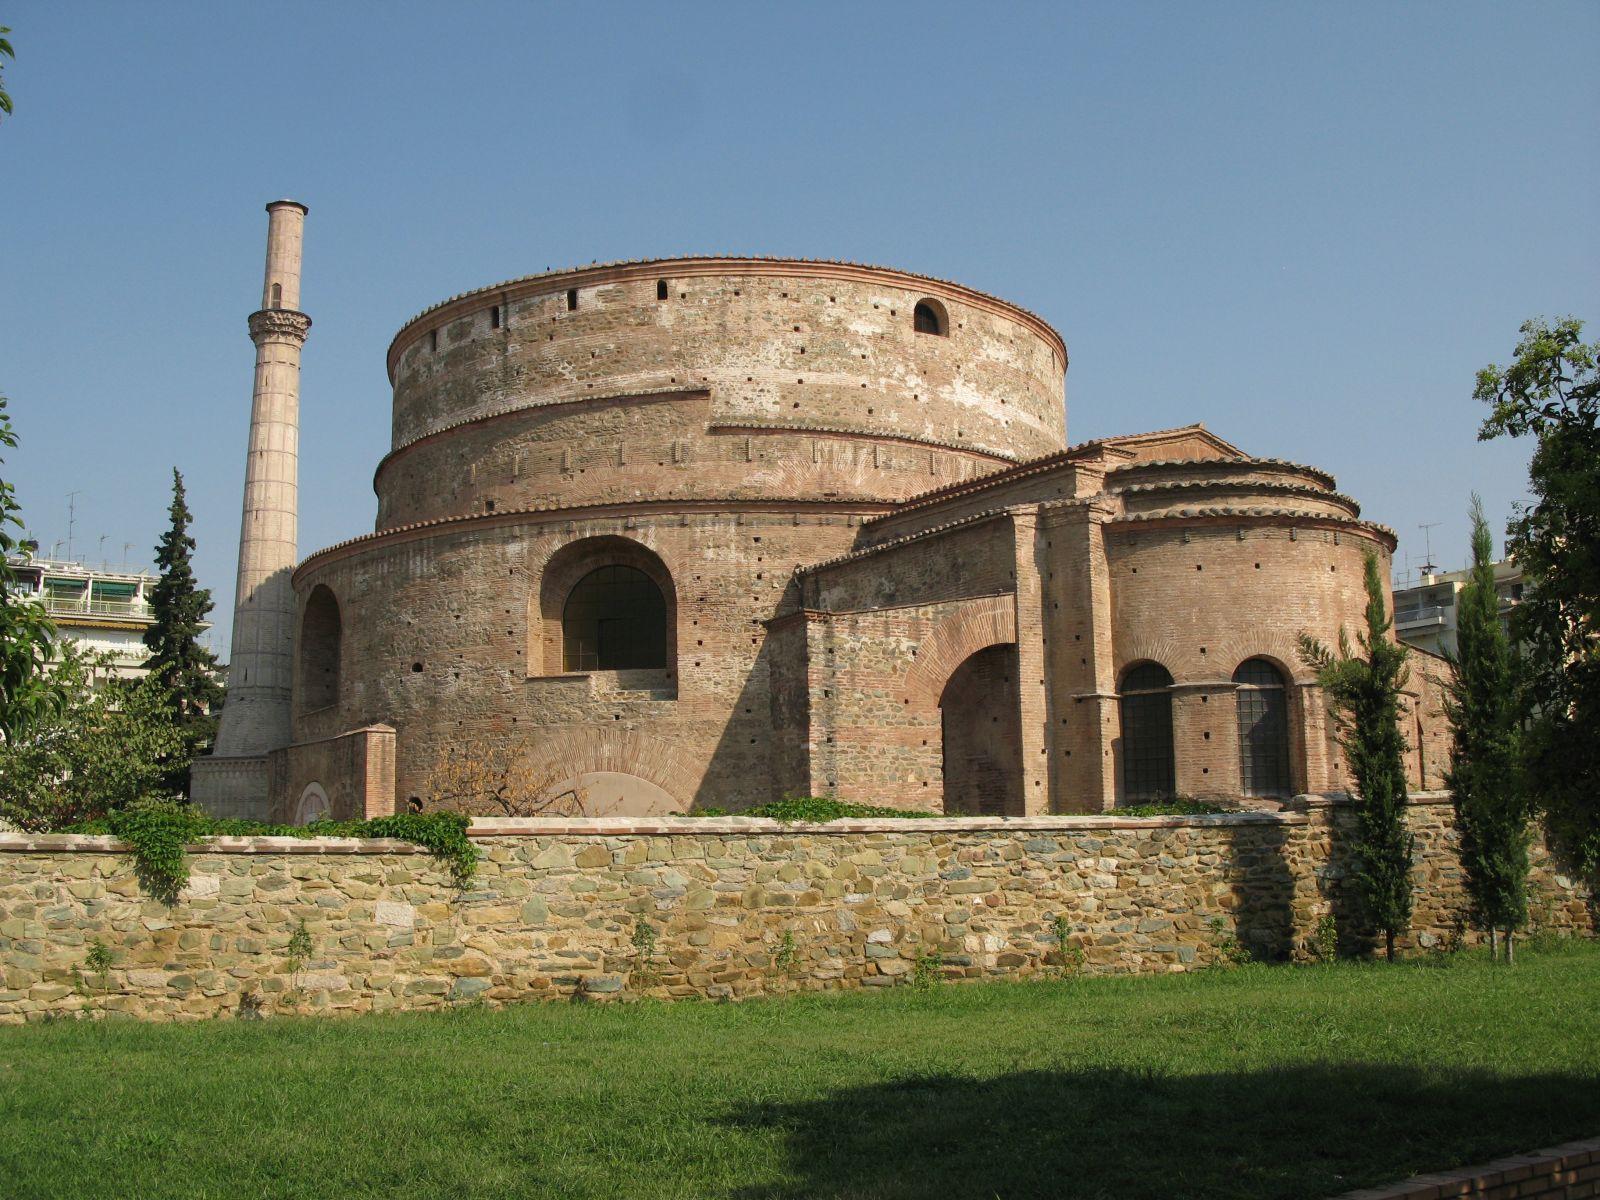 Bags Free presenta: la chiesa di Santo Stefano Rotondo al Celio